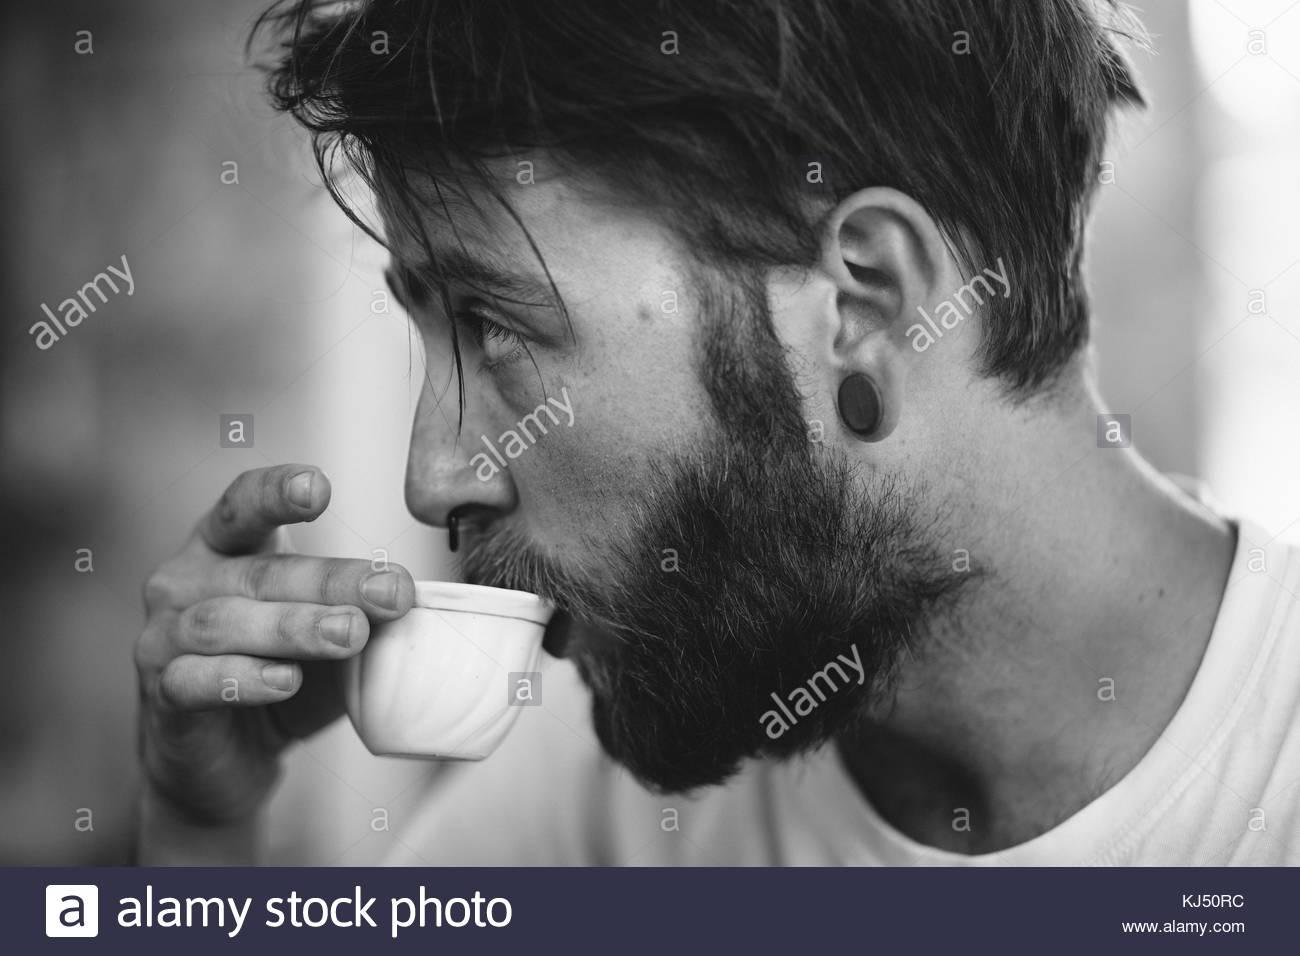 Uomo Barbuto con setto piercing caffè drikning Immagini Stock